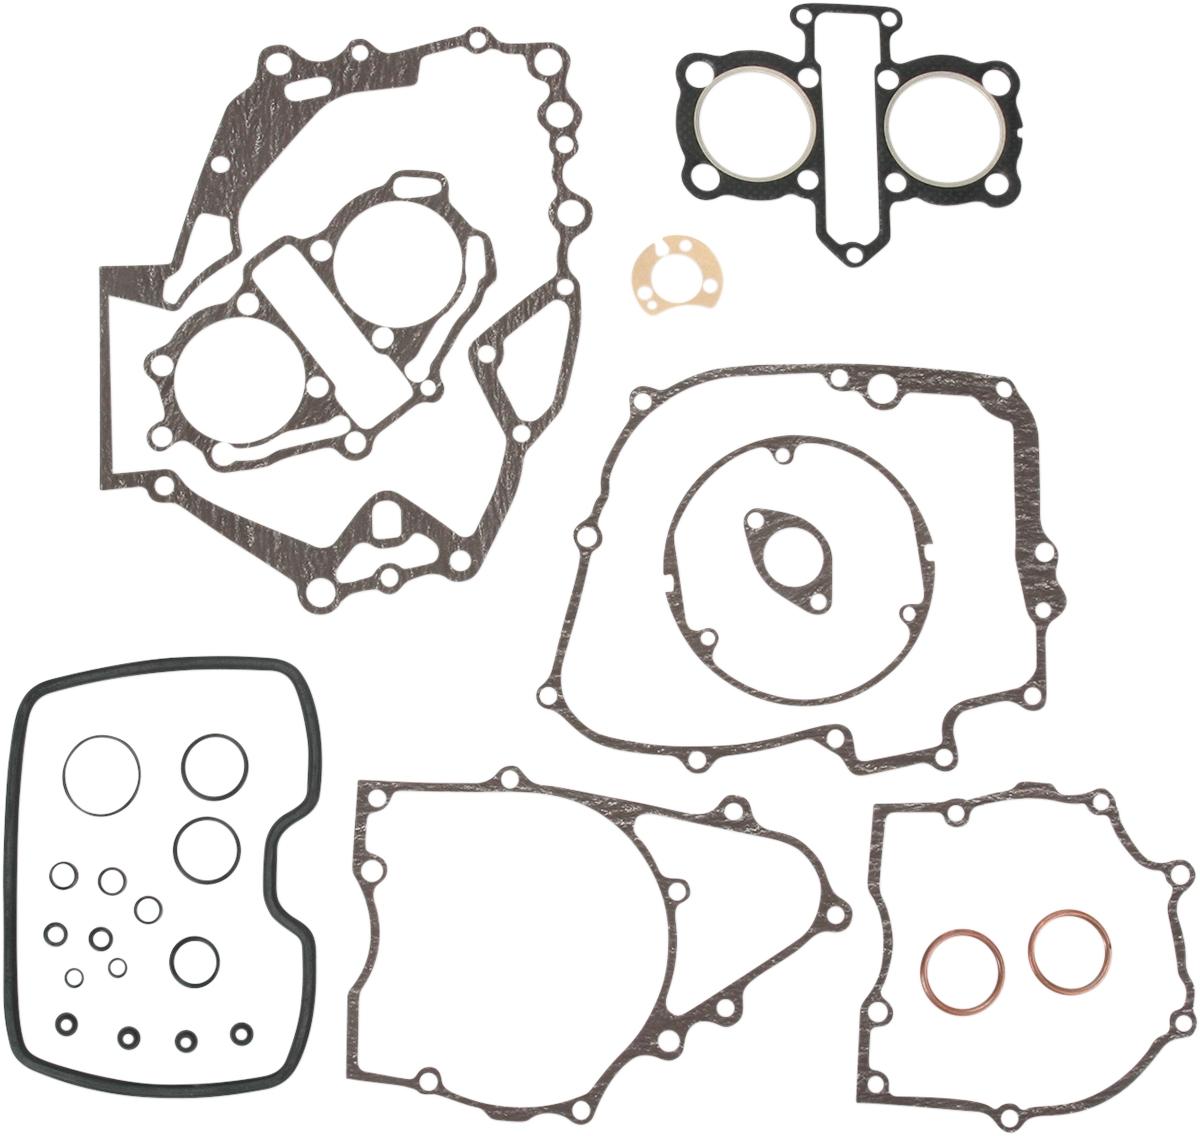 Vesrah Complete Gasket Kit  VG-1013*